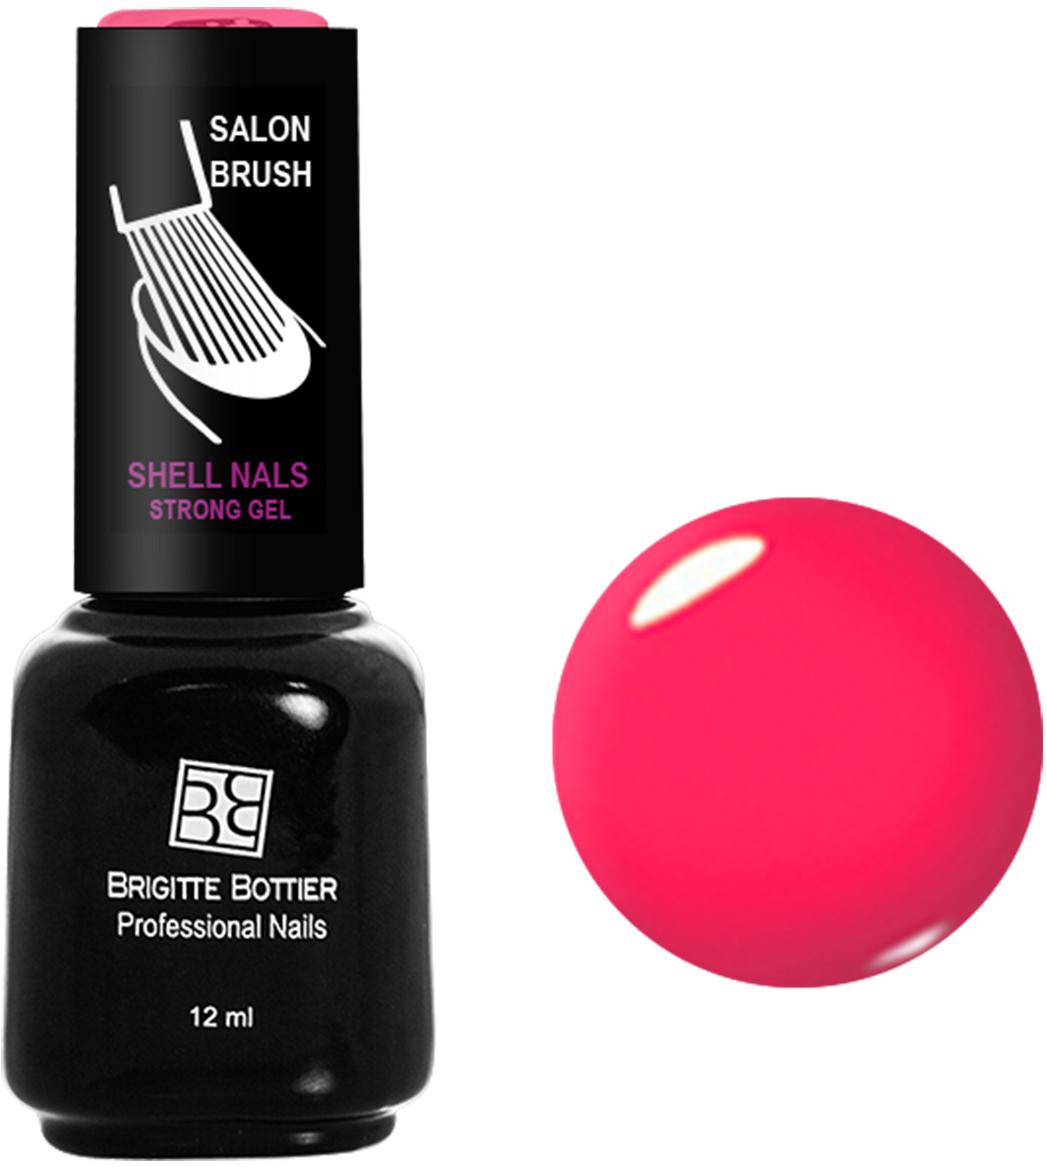 Brigitte Bottier лак для ногтей гелевый Shell Nails тон 908 ультра розовый, 12 млBB-SN 908Покрытие Shell Nails соединяет лучшие качества геля и лака: быстро и ровно наносится, прекрасно выглядит, совершенно не боится повреждений, снимается без малейшего вреда для ногтевых пластин. Стойкое покрытие Shell Nails имеет классический блеск, насыщенный цвет и отличается невероятной прочностью.